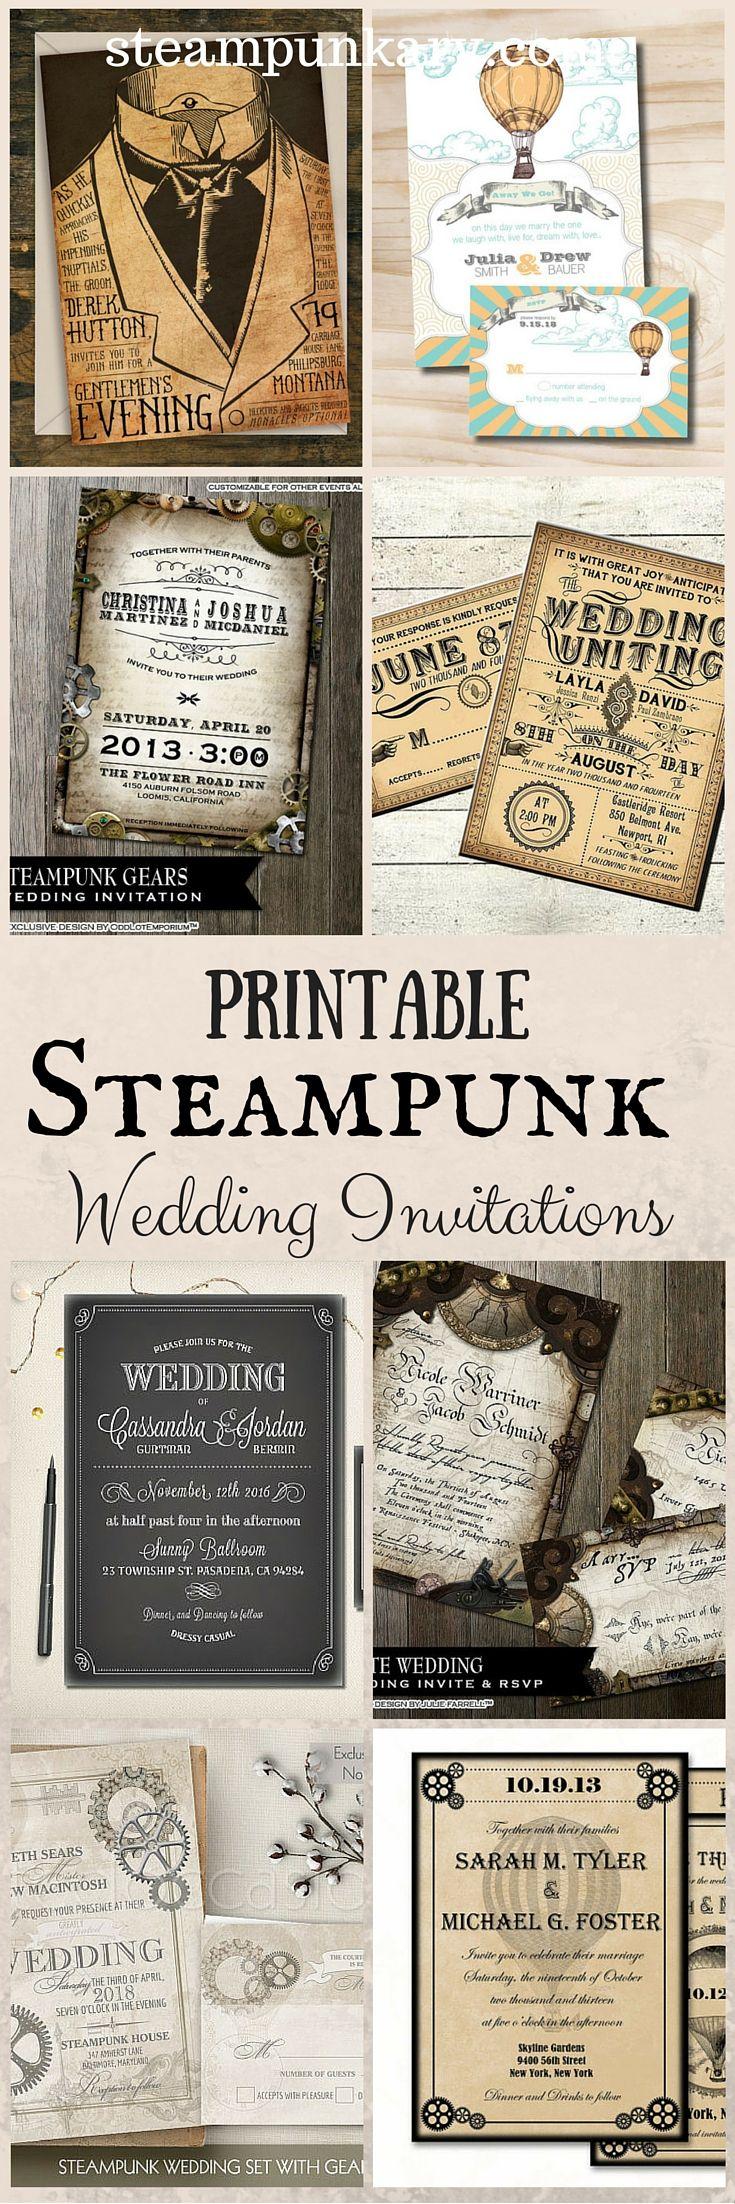 19 Best Steampunk Wedding Ideas Images On Pinterest Dream Wedding